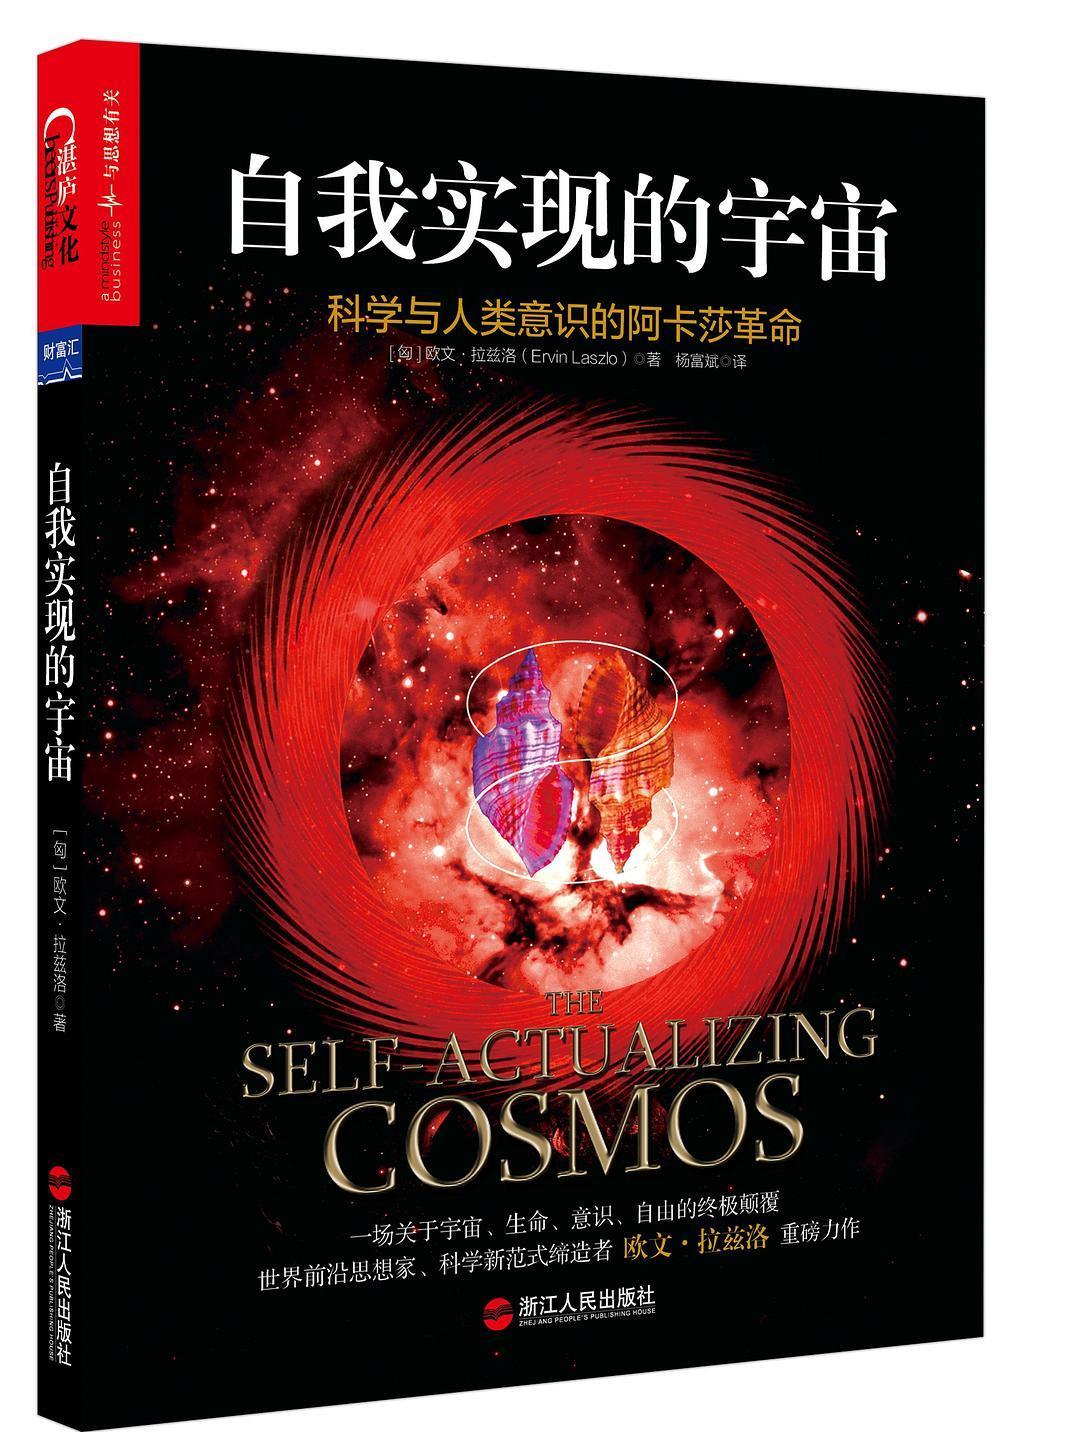 自我实现的宇宙 : 科学与人类意识的阿卡莎革命